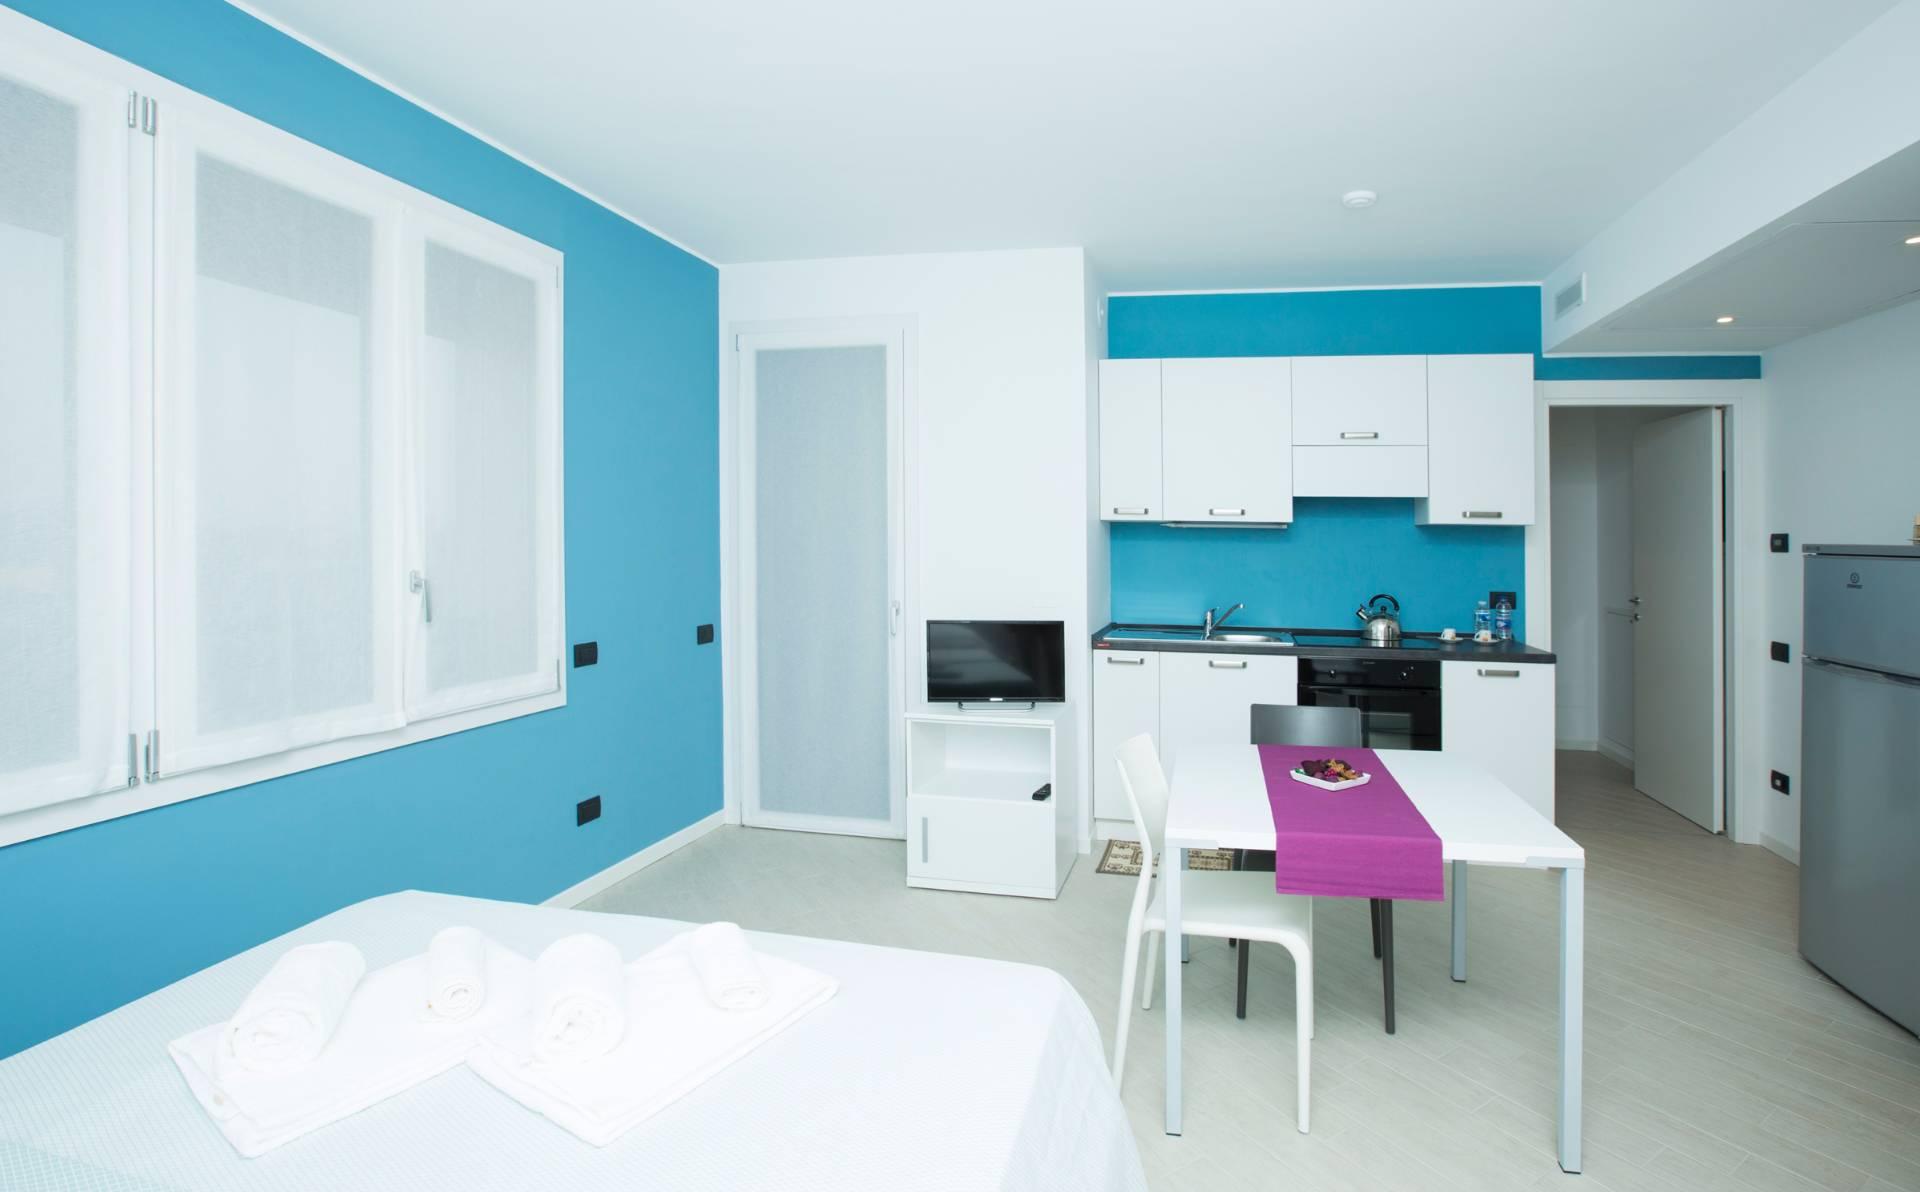 Appartamento in affitto a Pero, 1 locali, zona Zona: Cerchiate, prezzo € 490   Cambio Casa.it